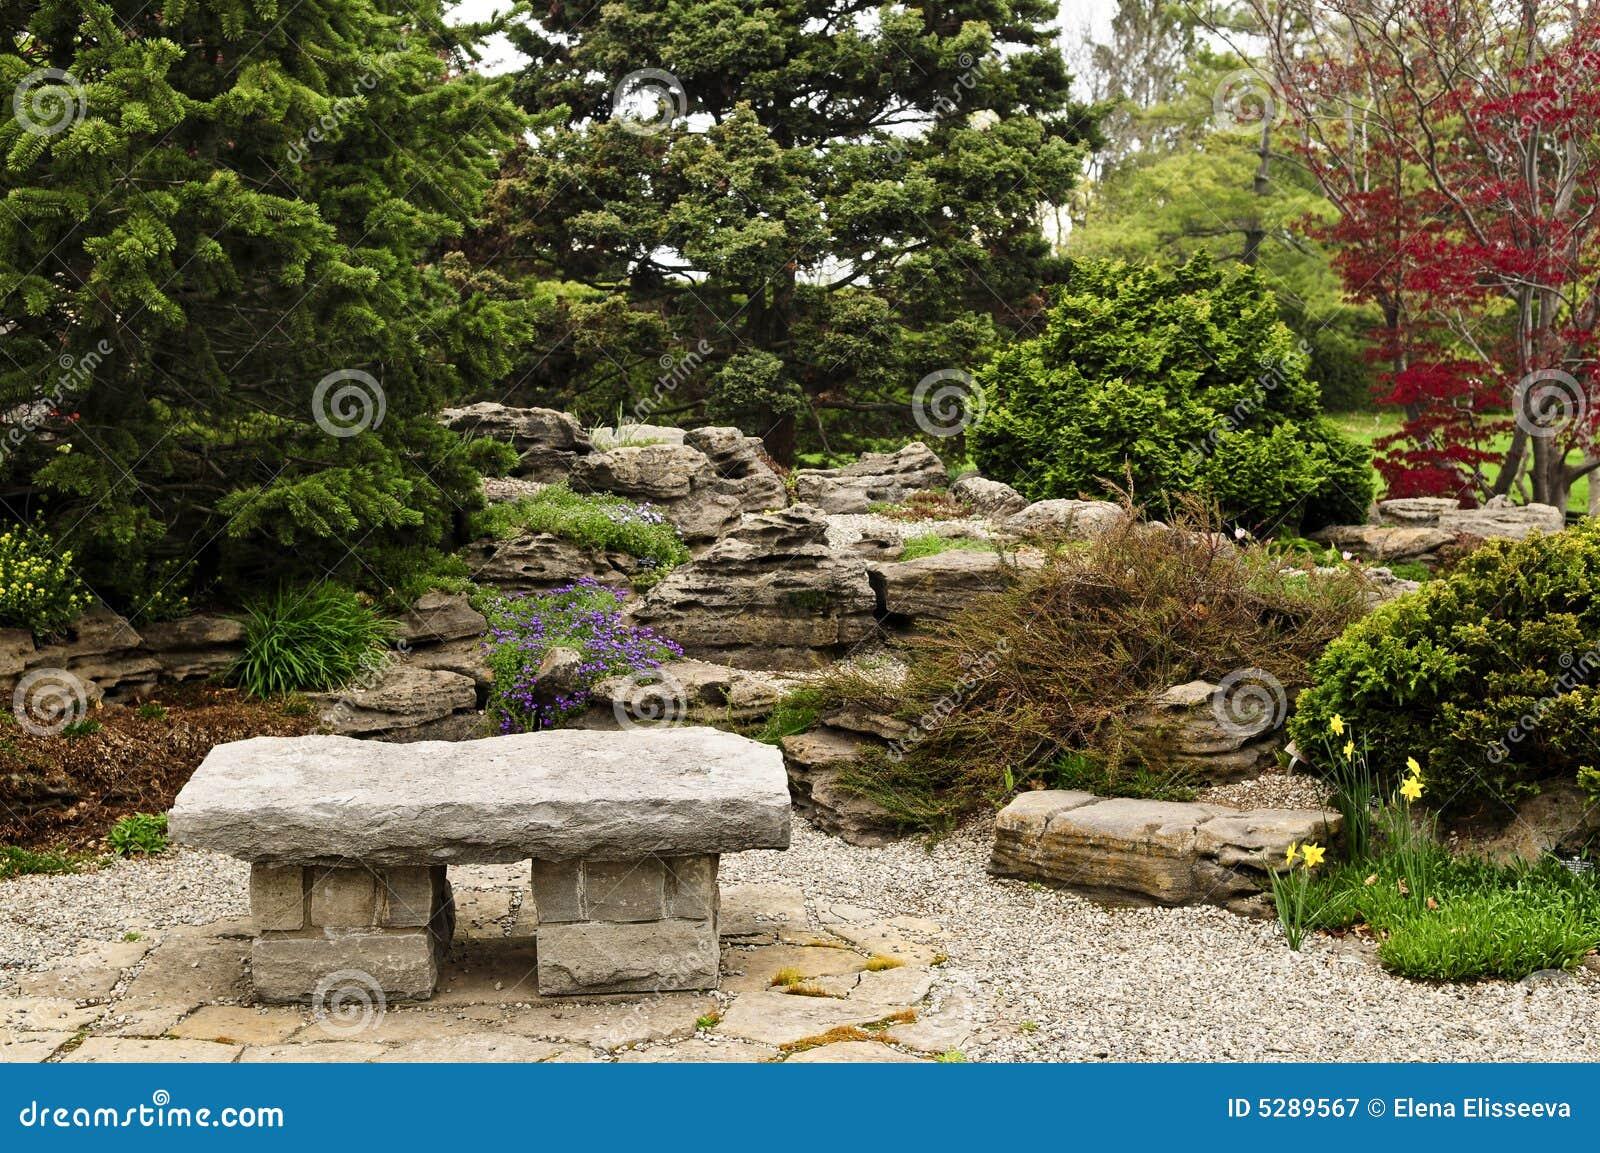 Jardin Mineral Zen Photo jardín del zen imagen de archivo. imagen de cama, banco